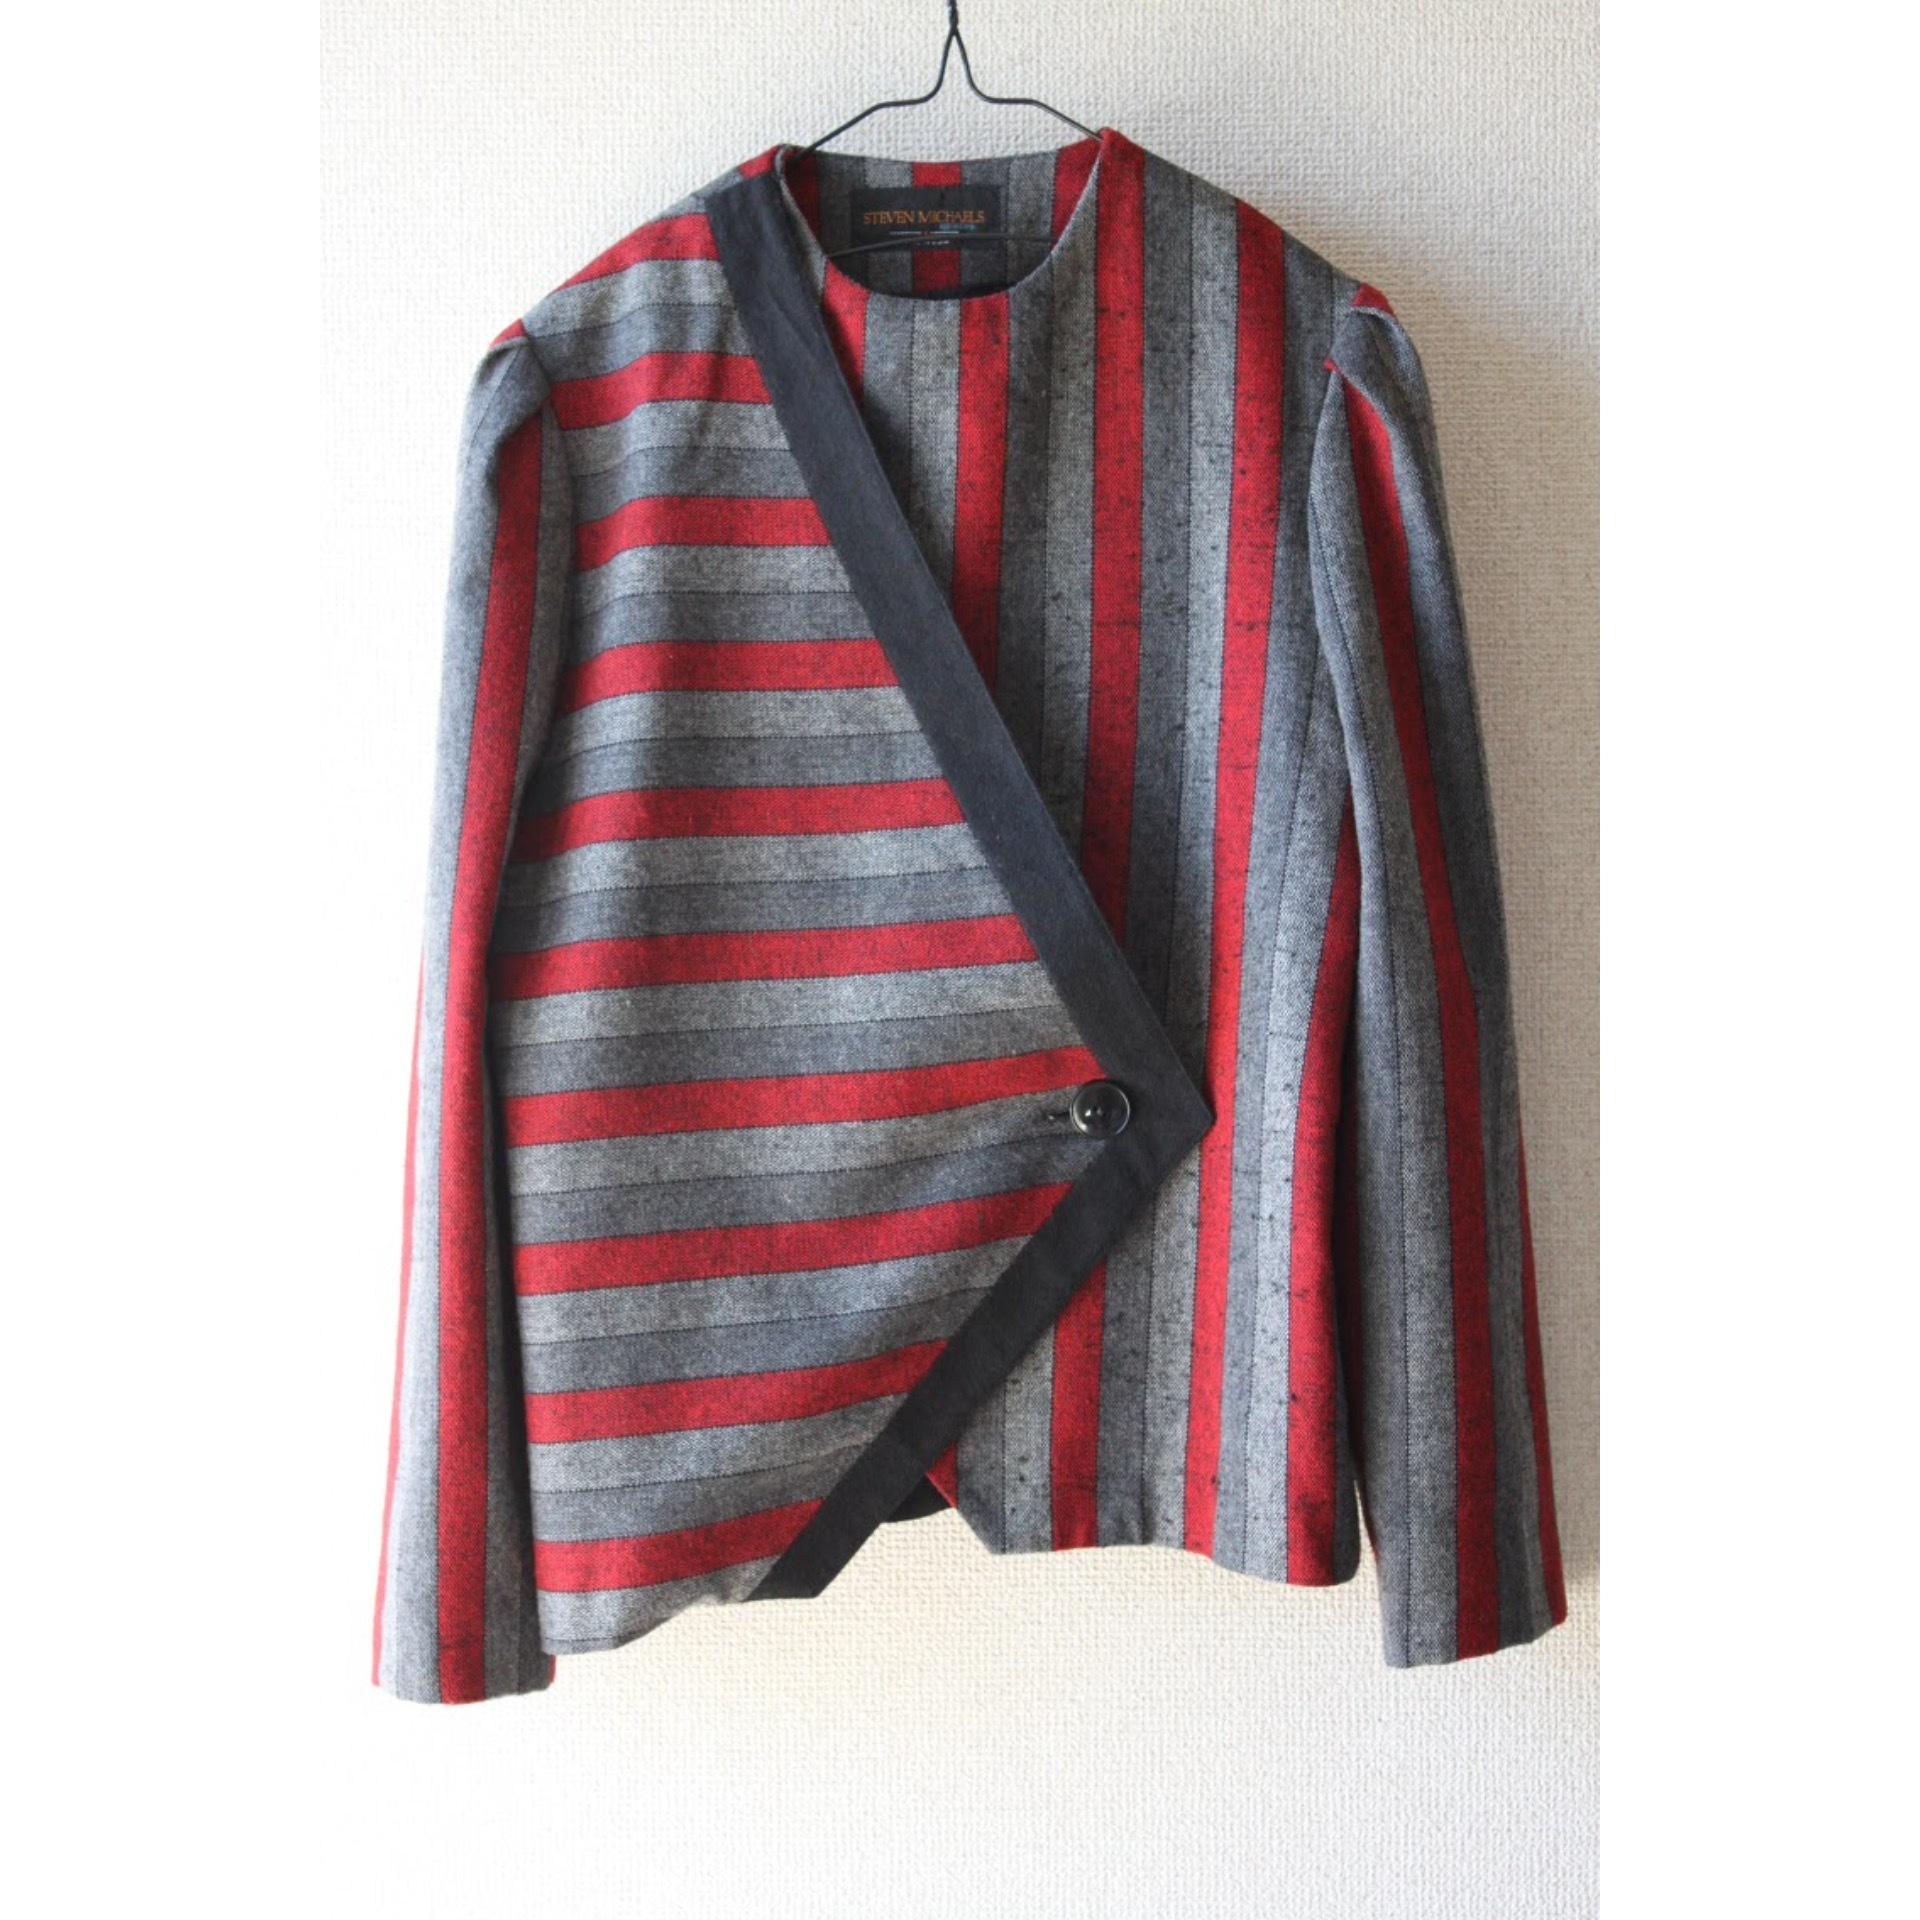 Vintage asymmetry jacket